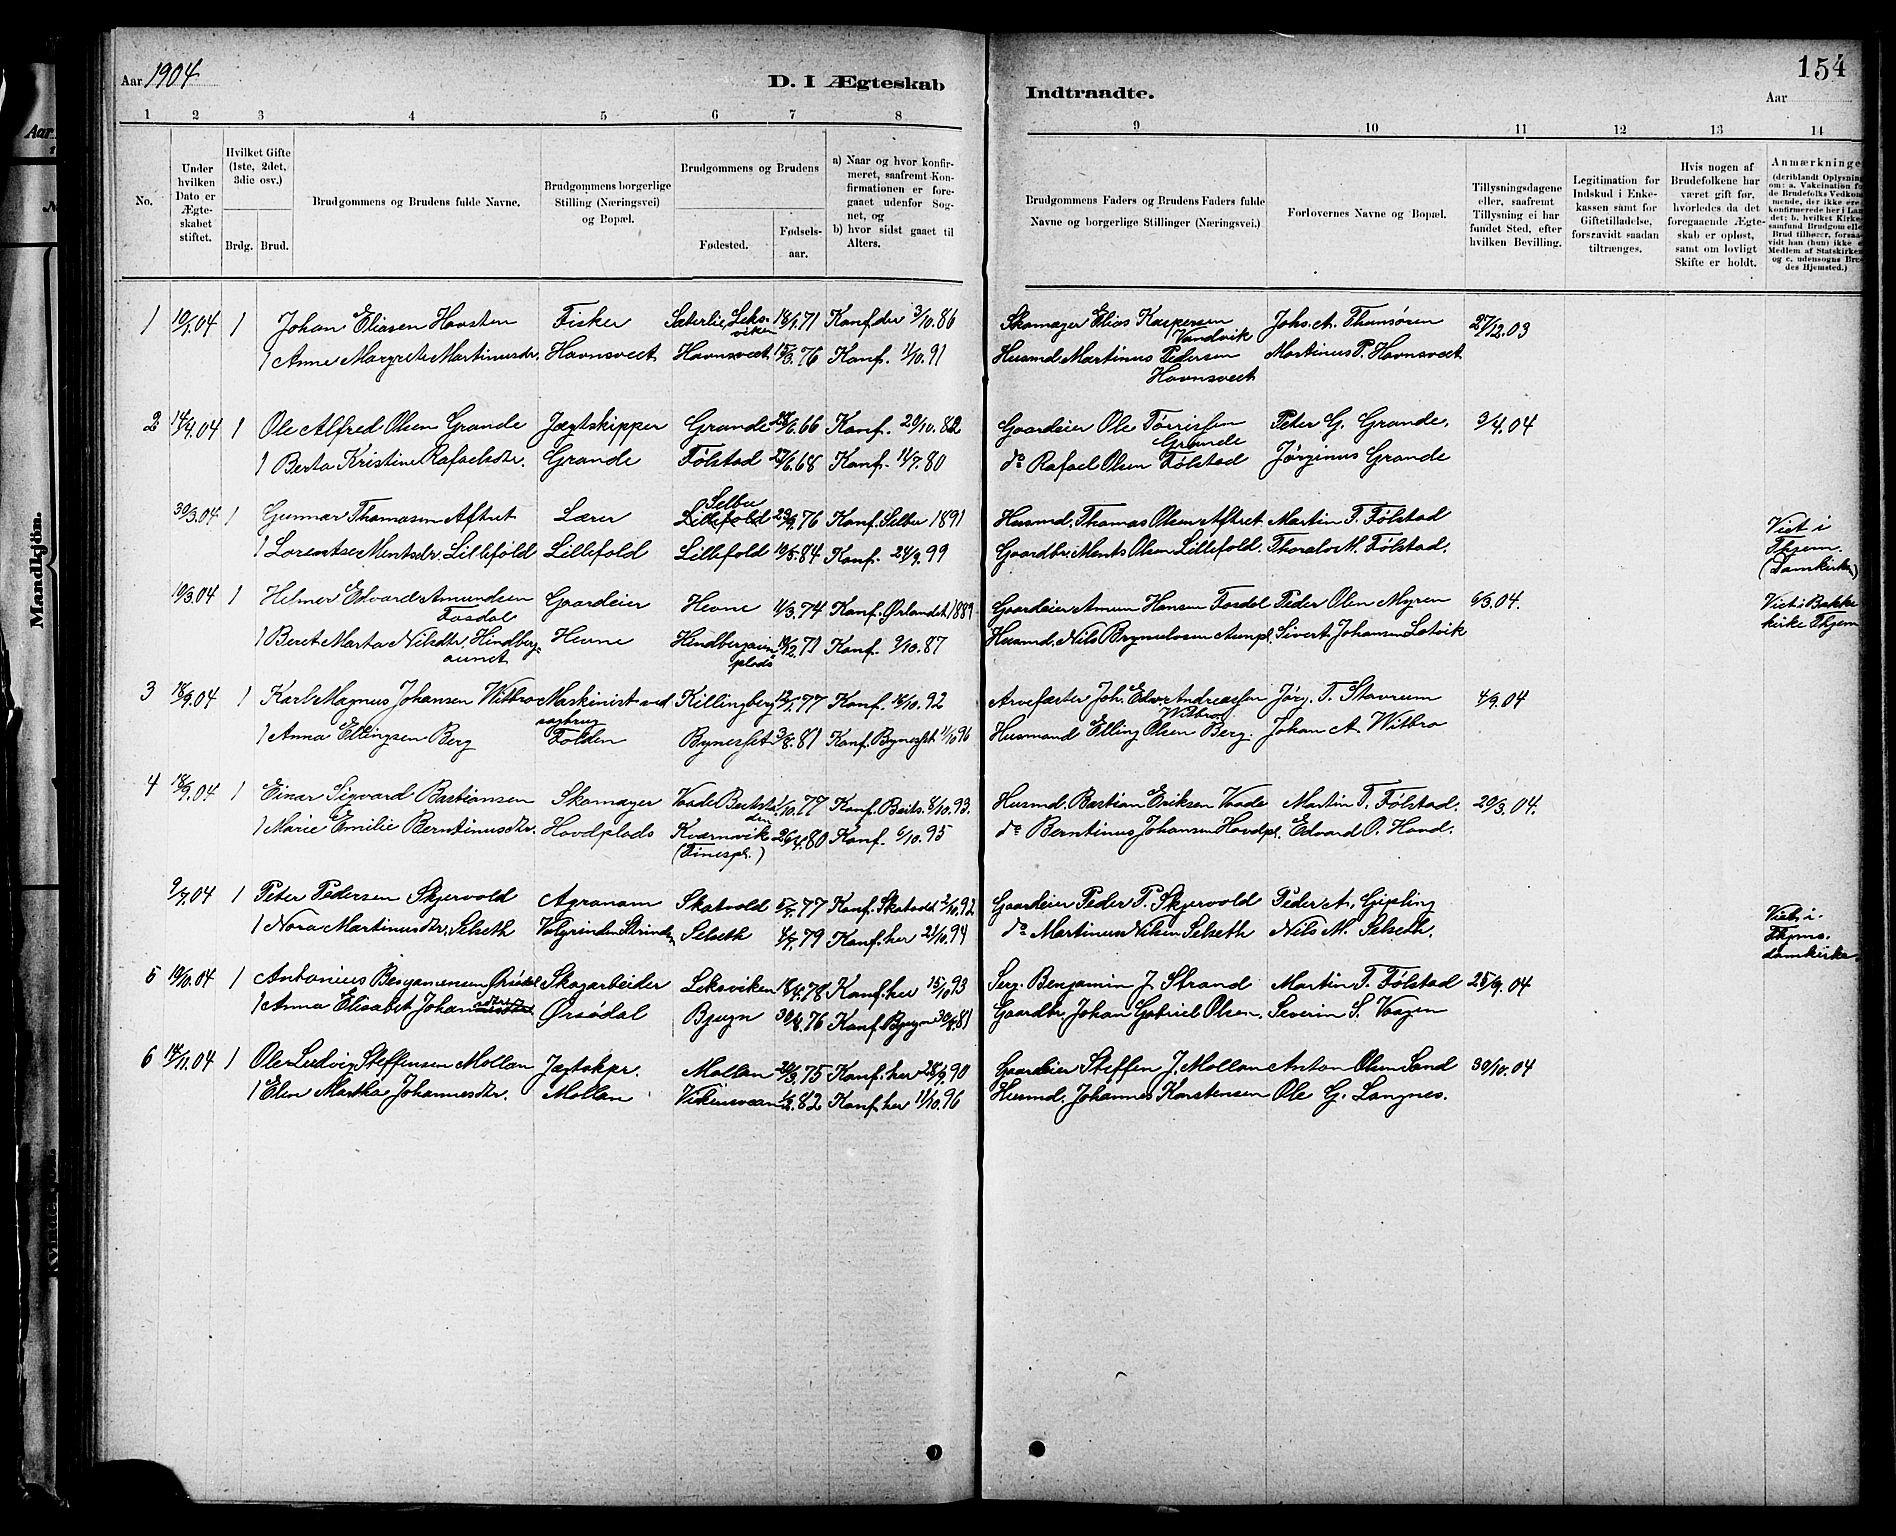 SAT, Ministerialprotokoller, klokkerbøker og fødselsregistre - Nord-Trøndelag, 744/L0423: Klokkerbok nr. 744C02, 1886-1905, s. 154